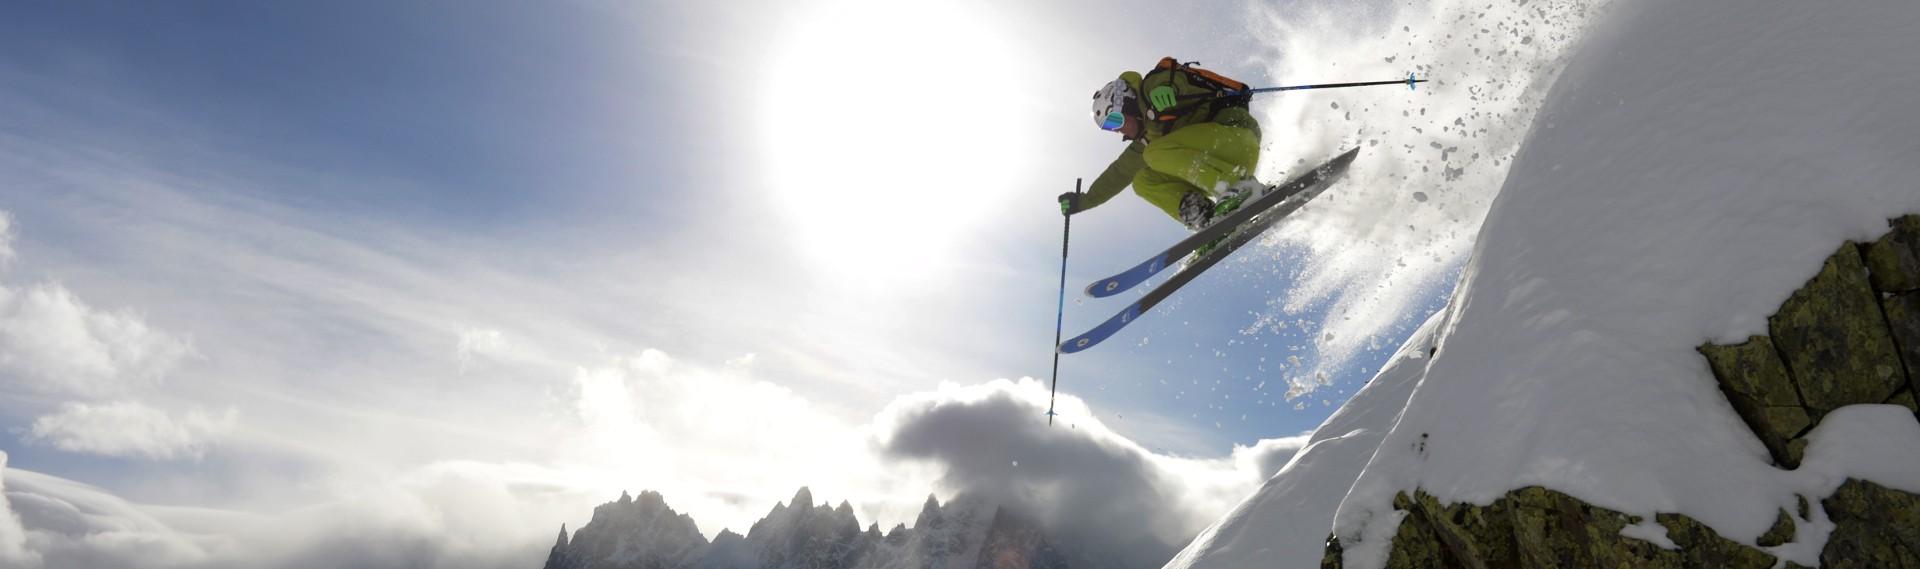 Aurélien-D-Double Champion du Monde de ski freeride-1